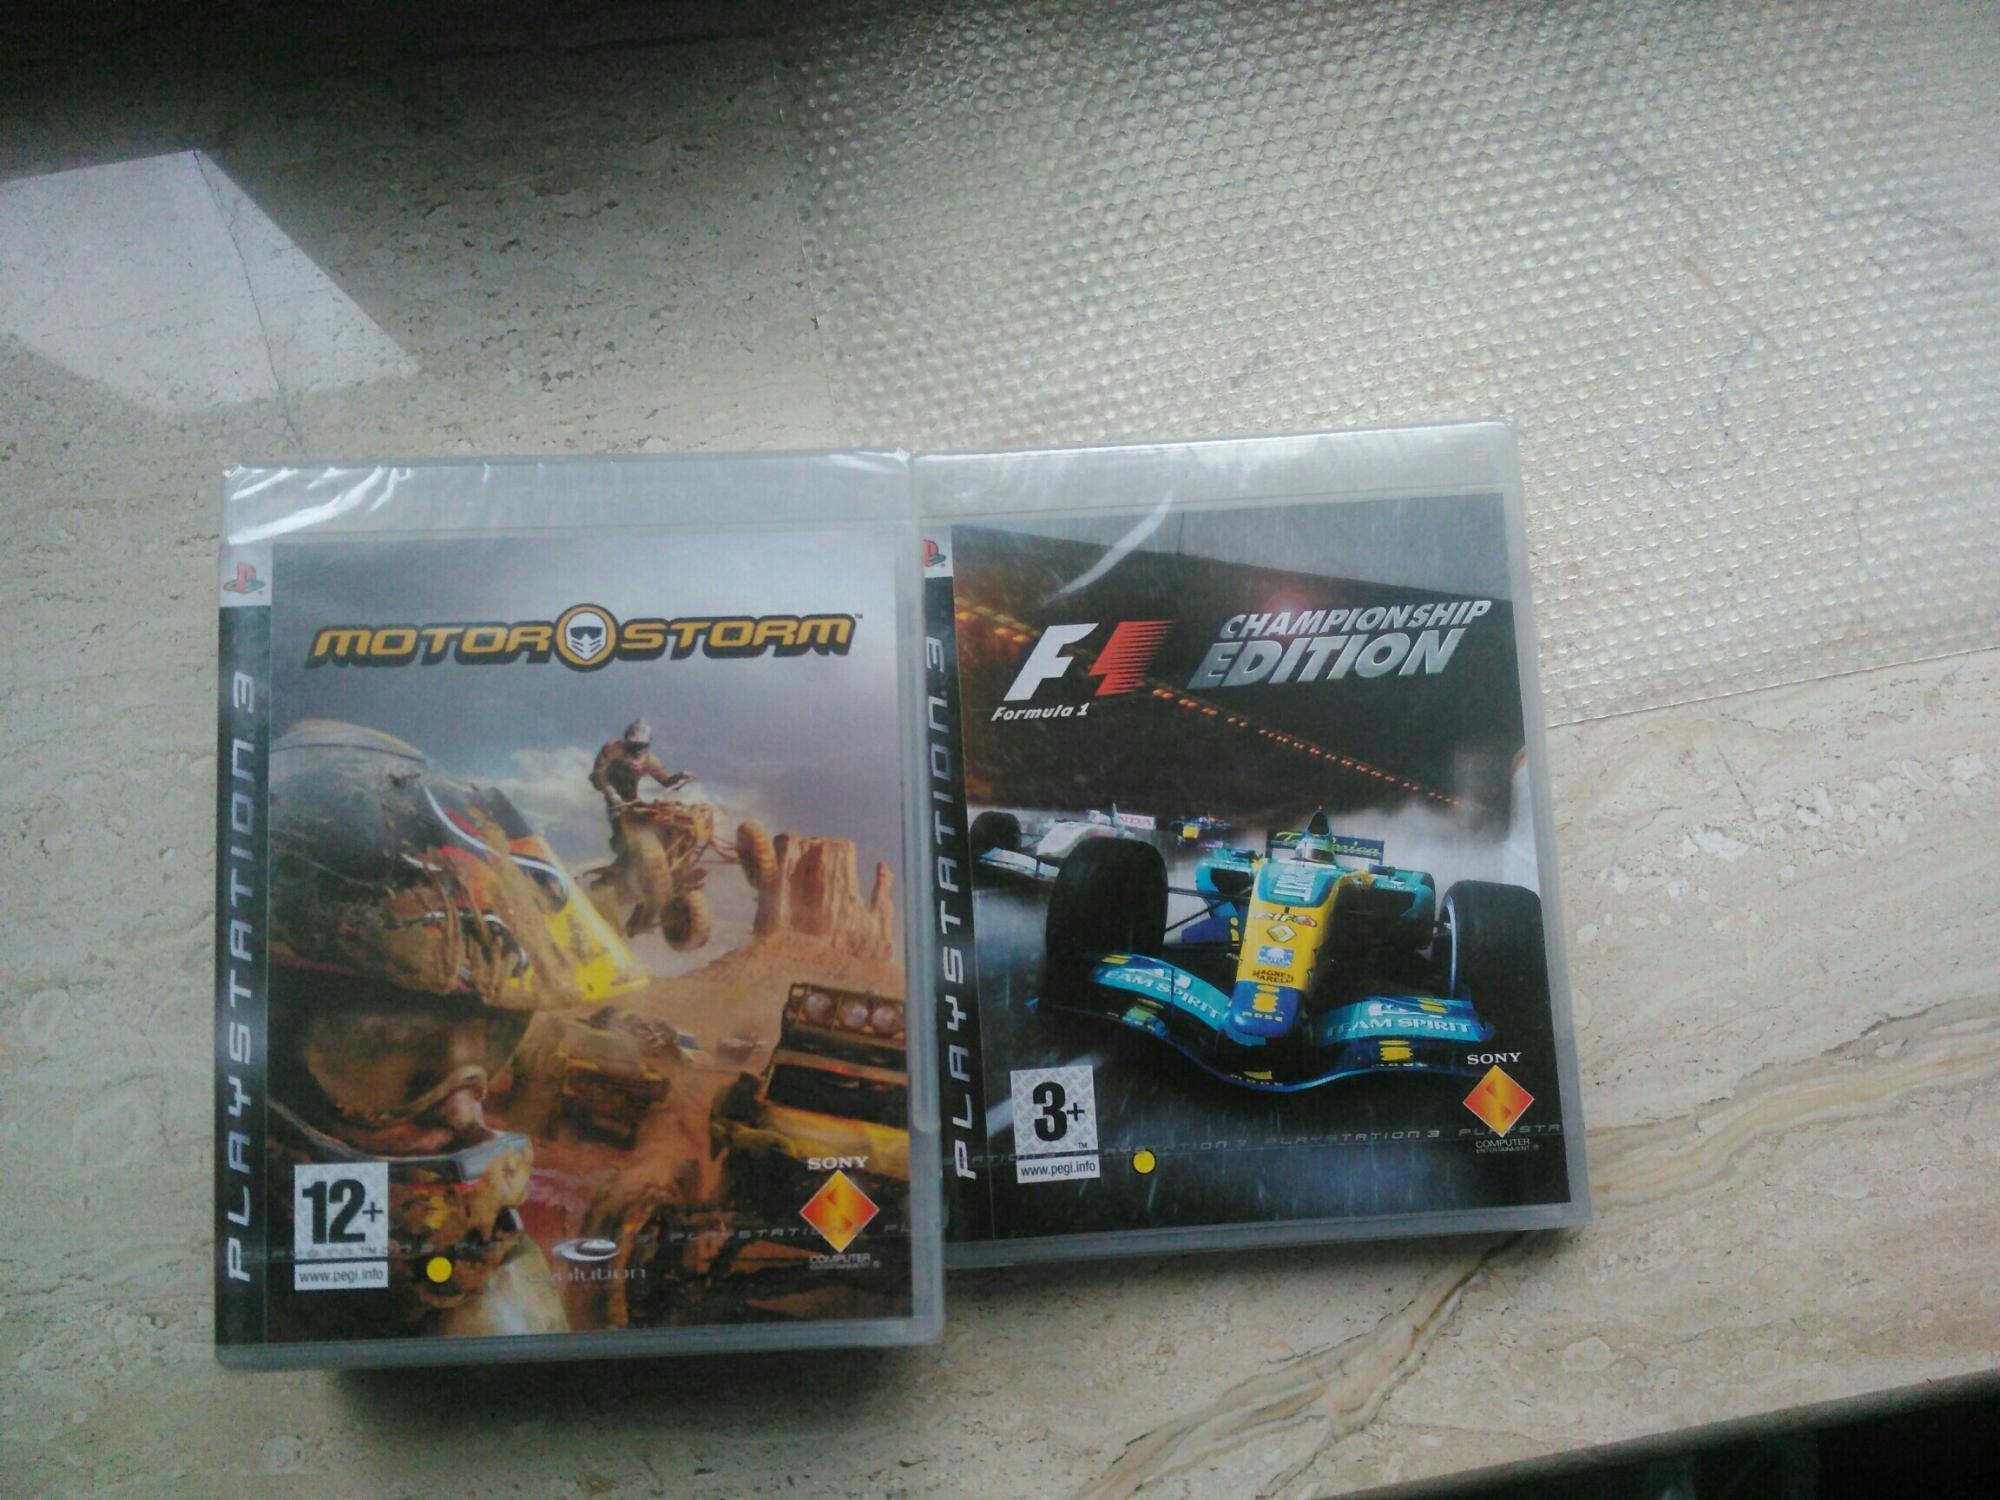 Игры для PS3 новые запечатанные в Москве 89037762669 купить 1